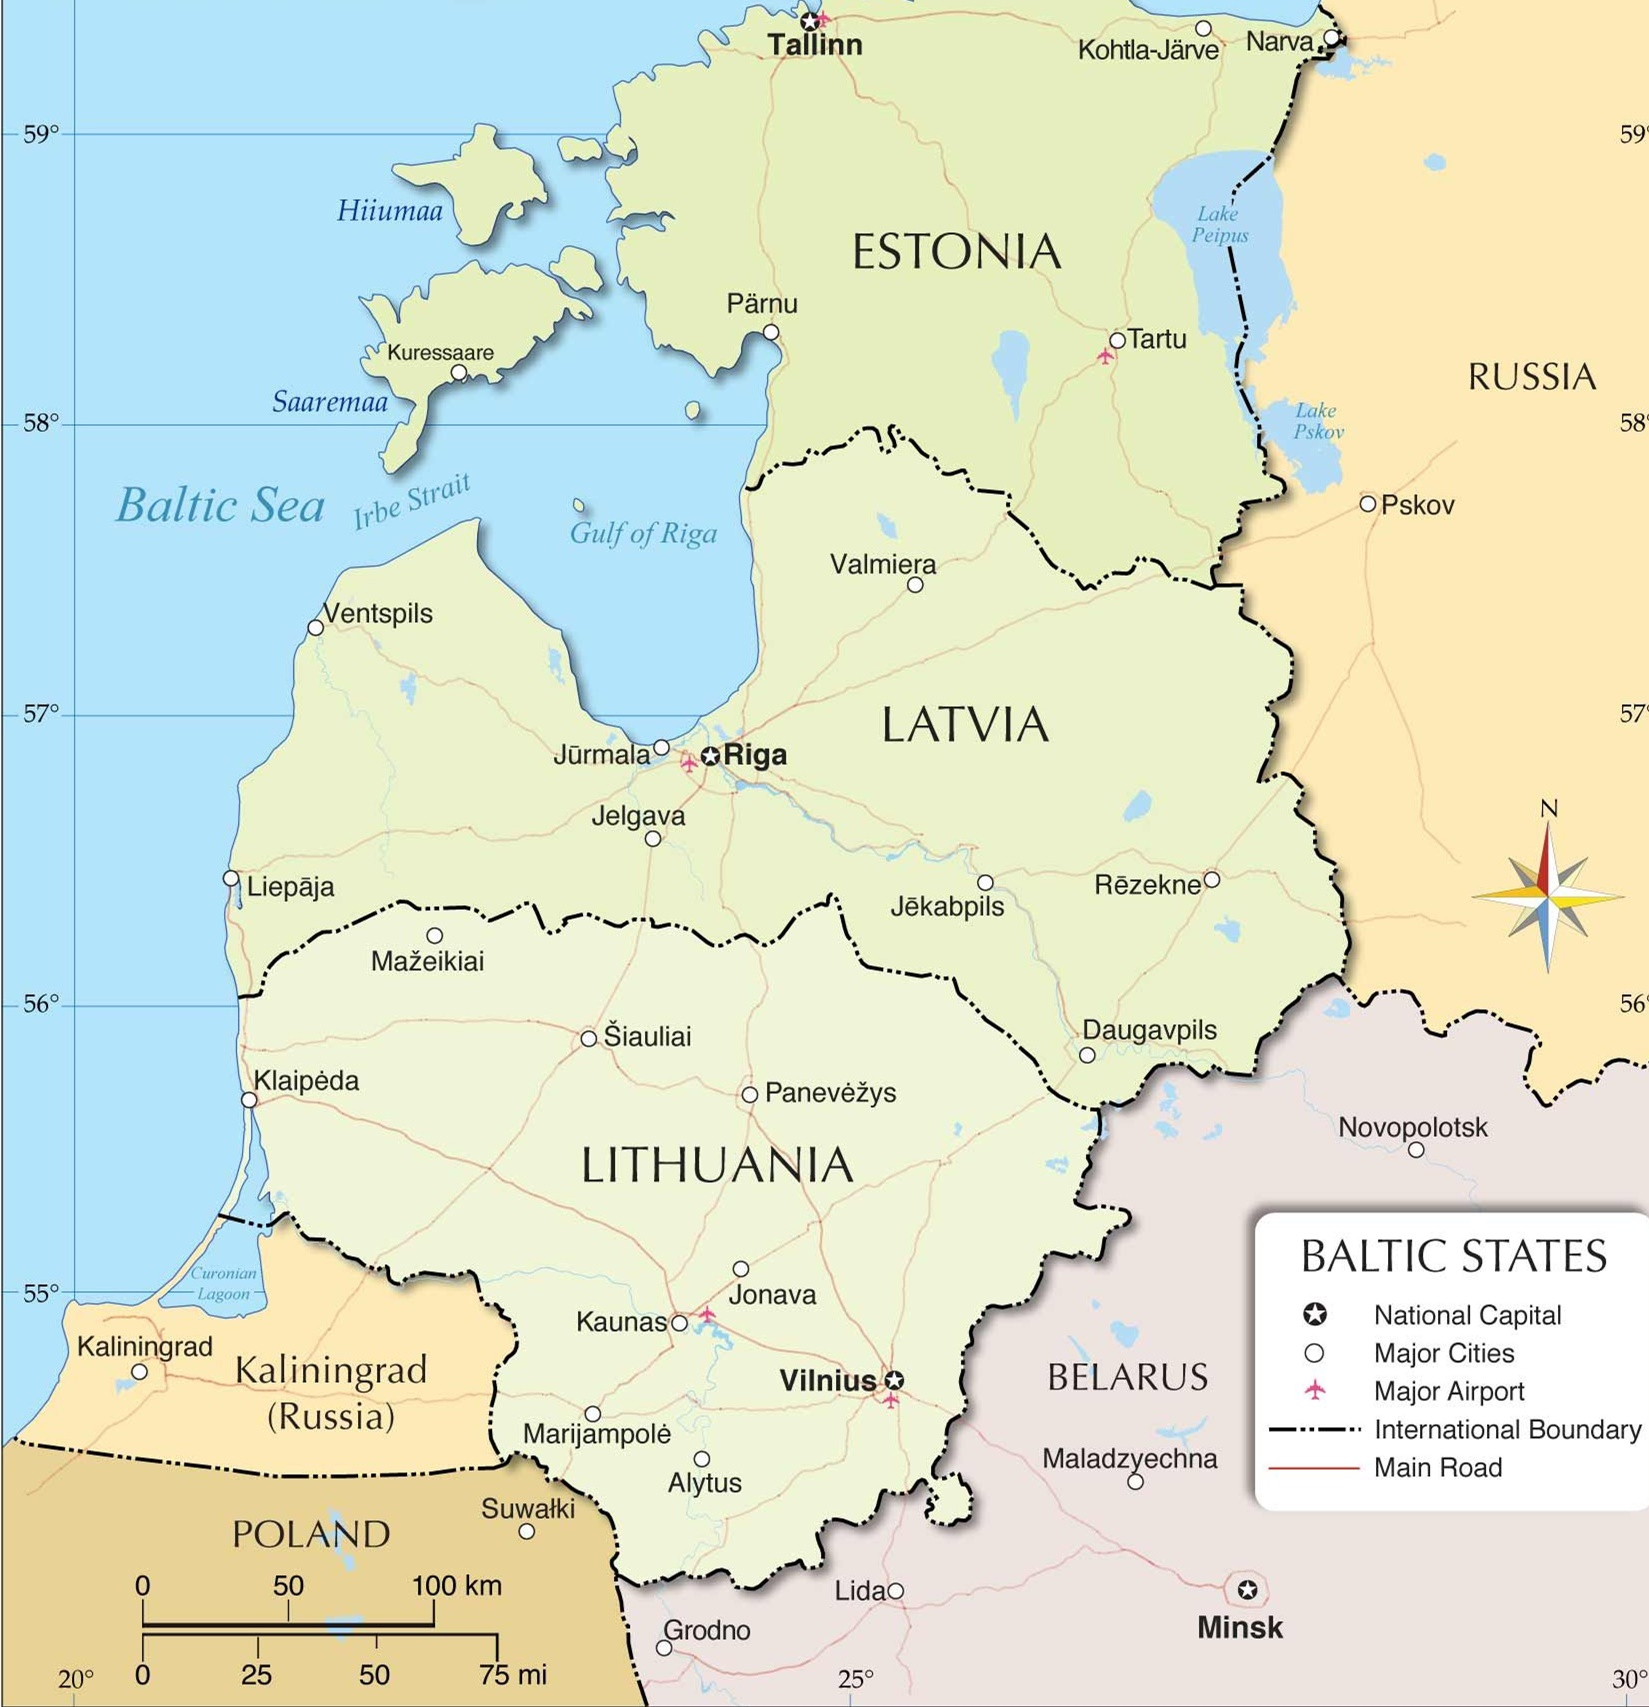 波罗的海三国:爱沙尼亚、拉脱维亚和立陶宛 图自地图网站